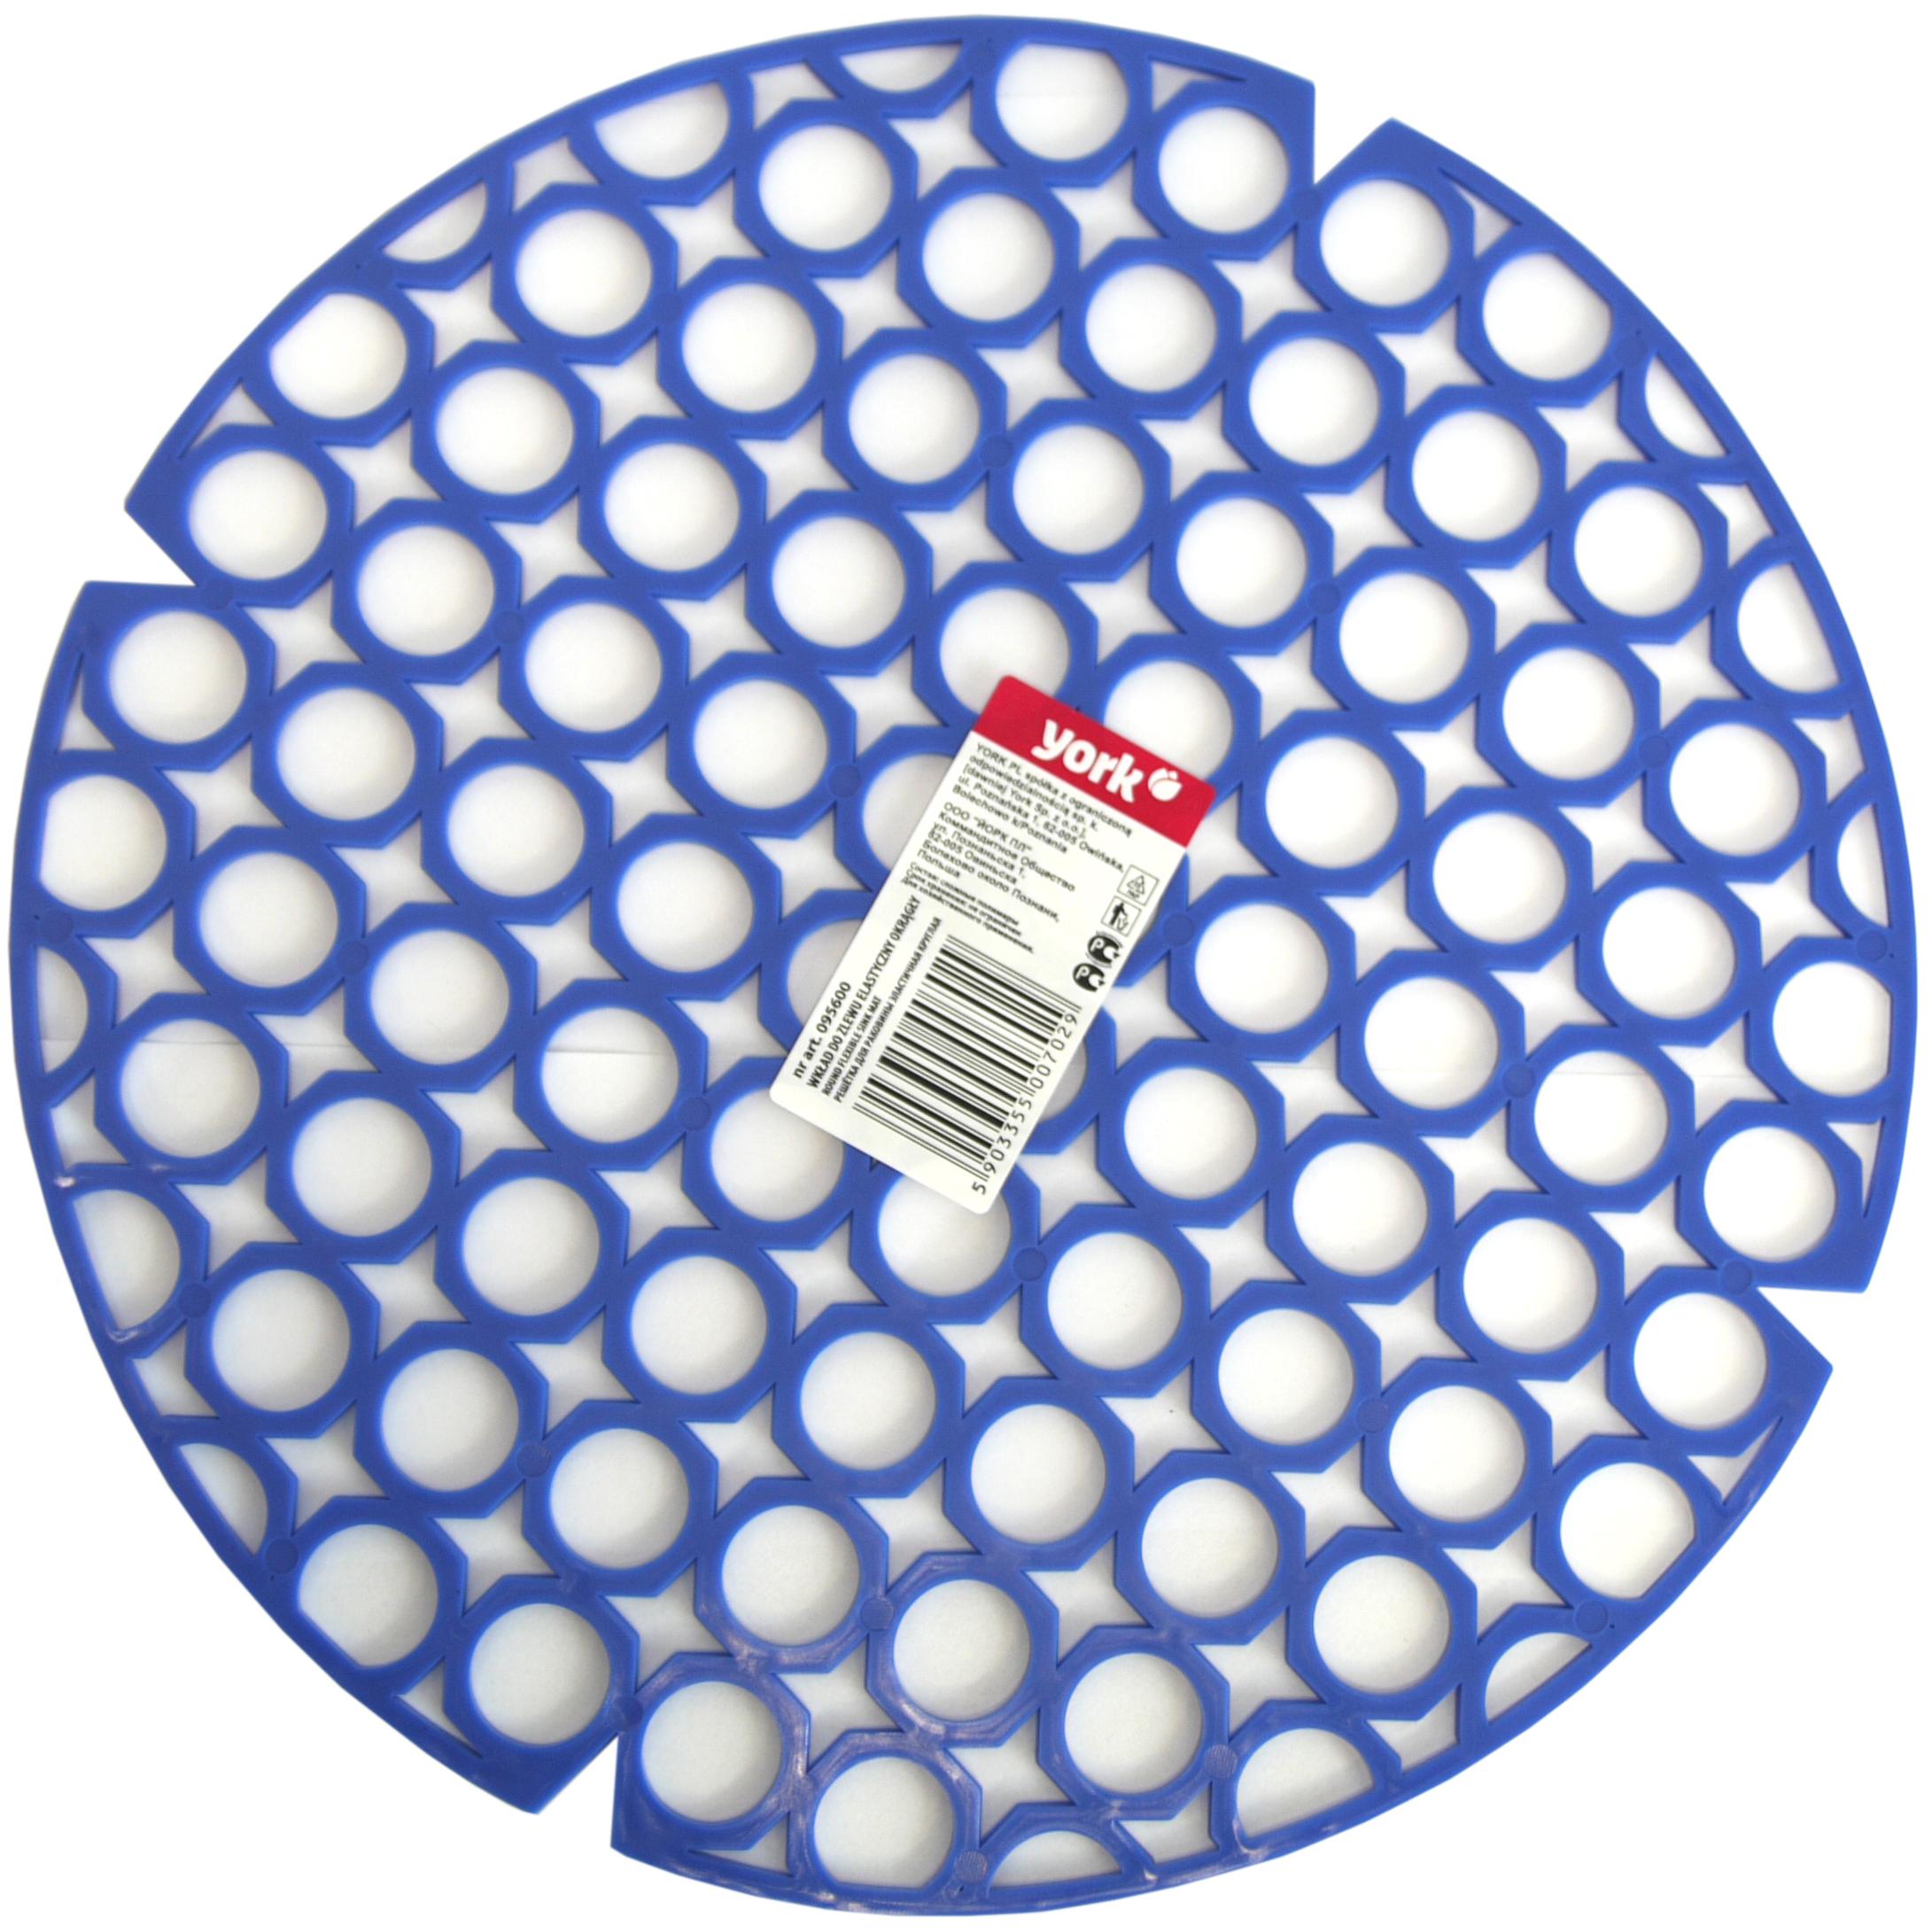 02315 - Spülbeckeneinlage rund, flexibel